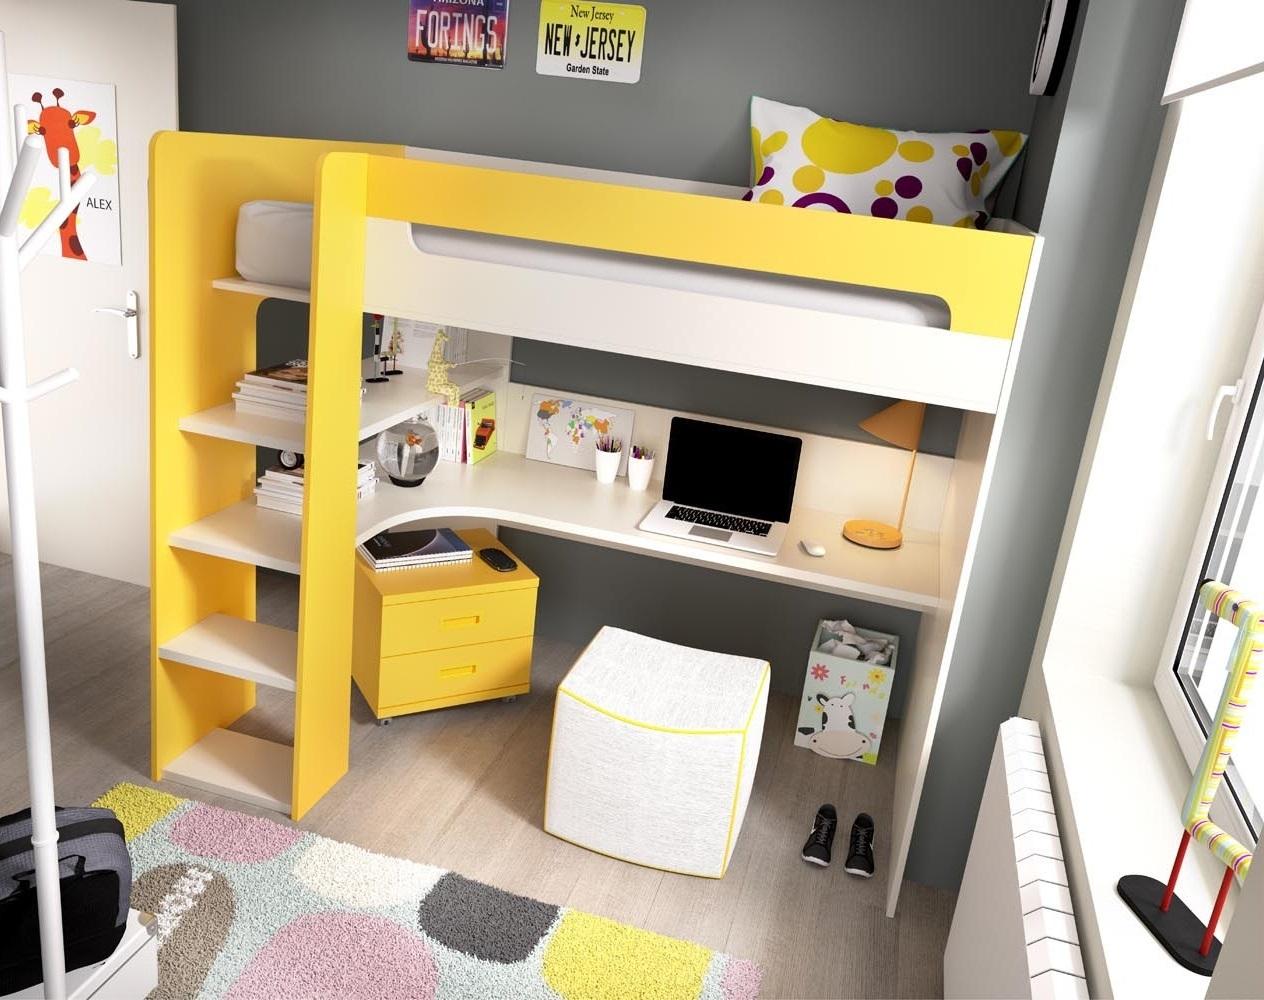 Letti a baldacchino per bambini design casa creativa e for Letti a castello per 3 bambini